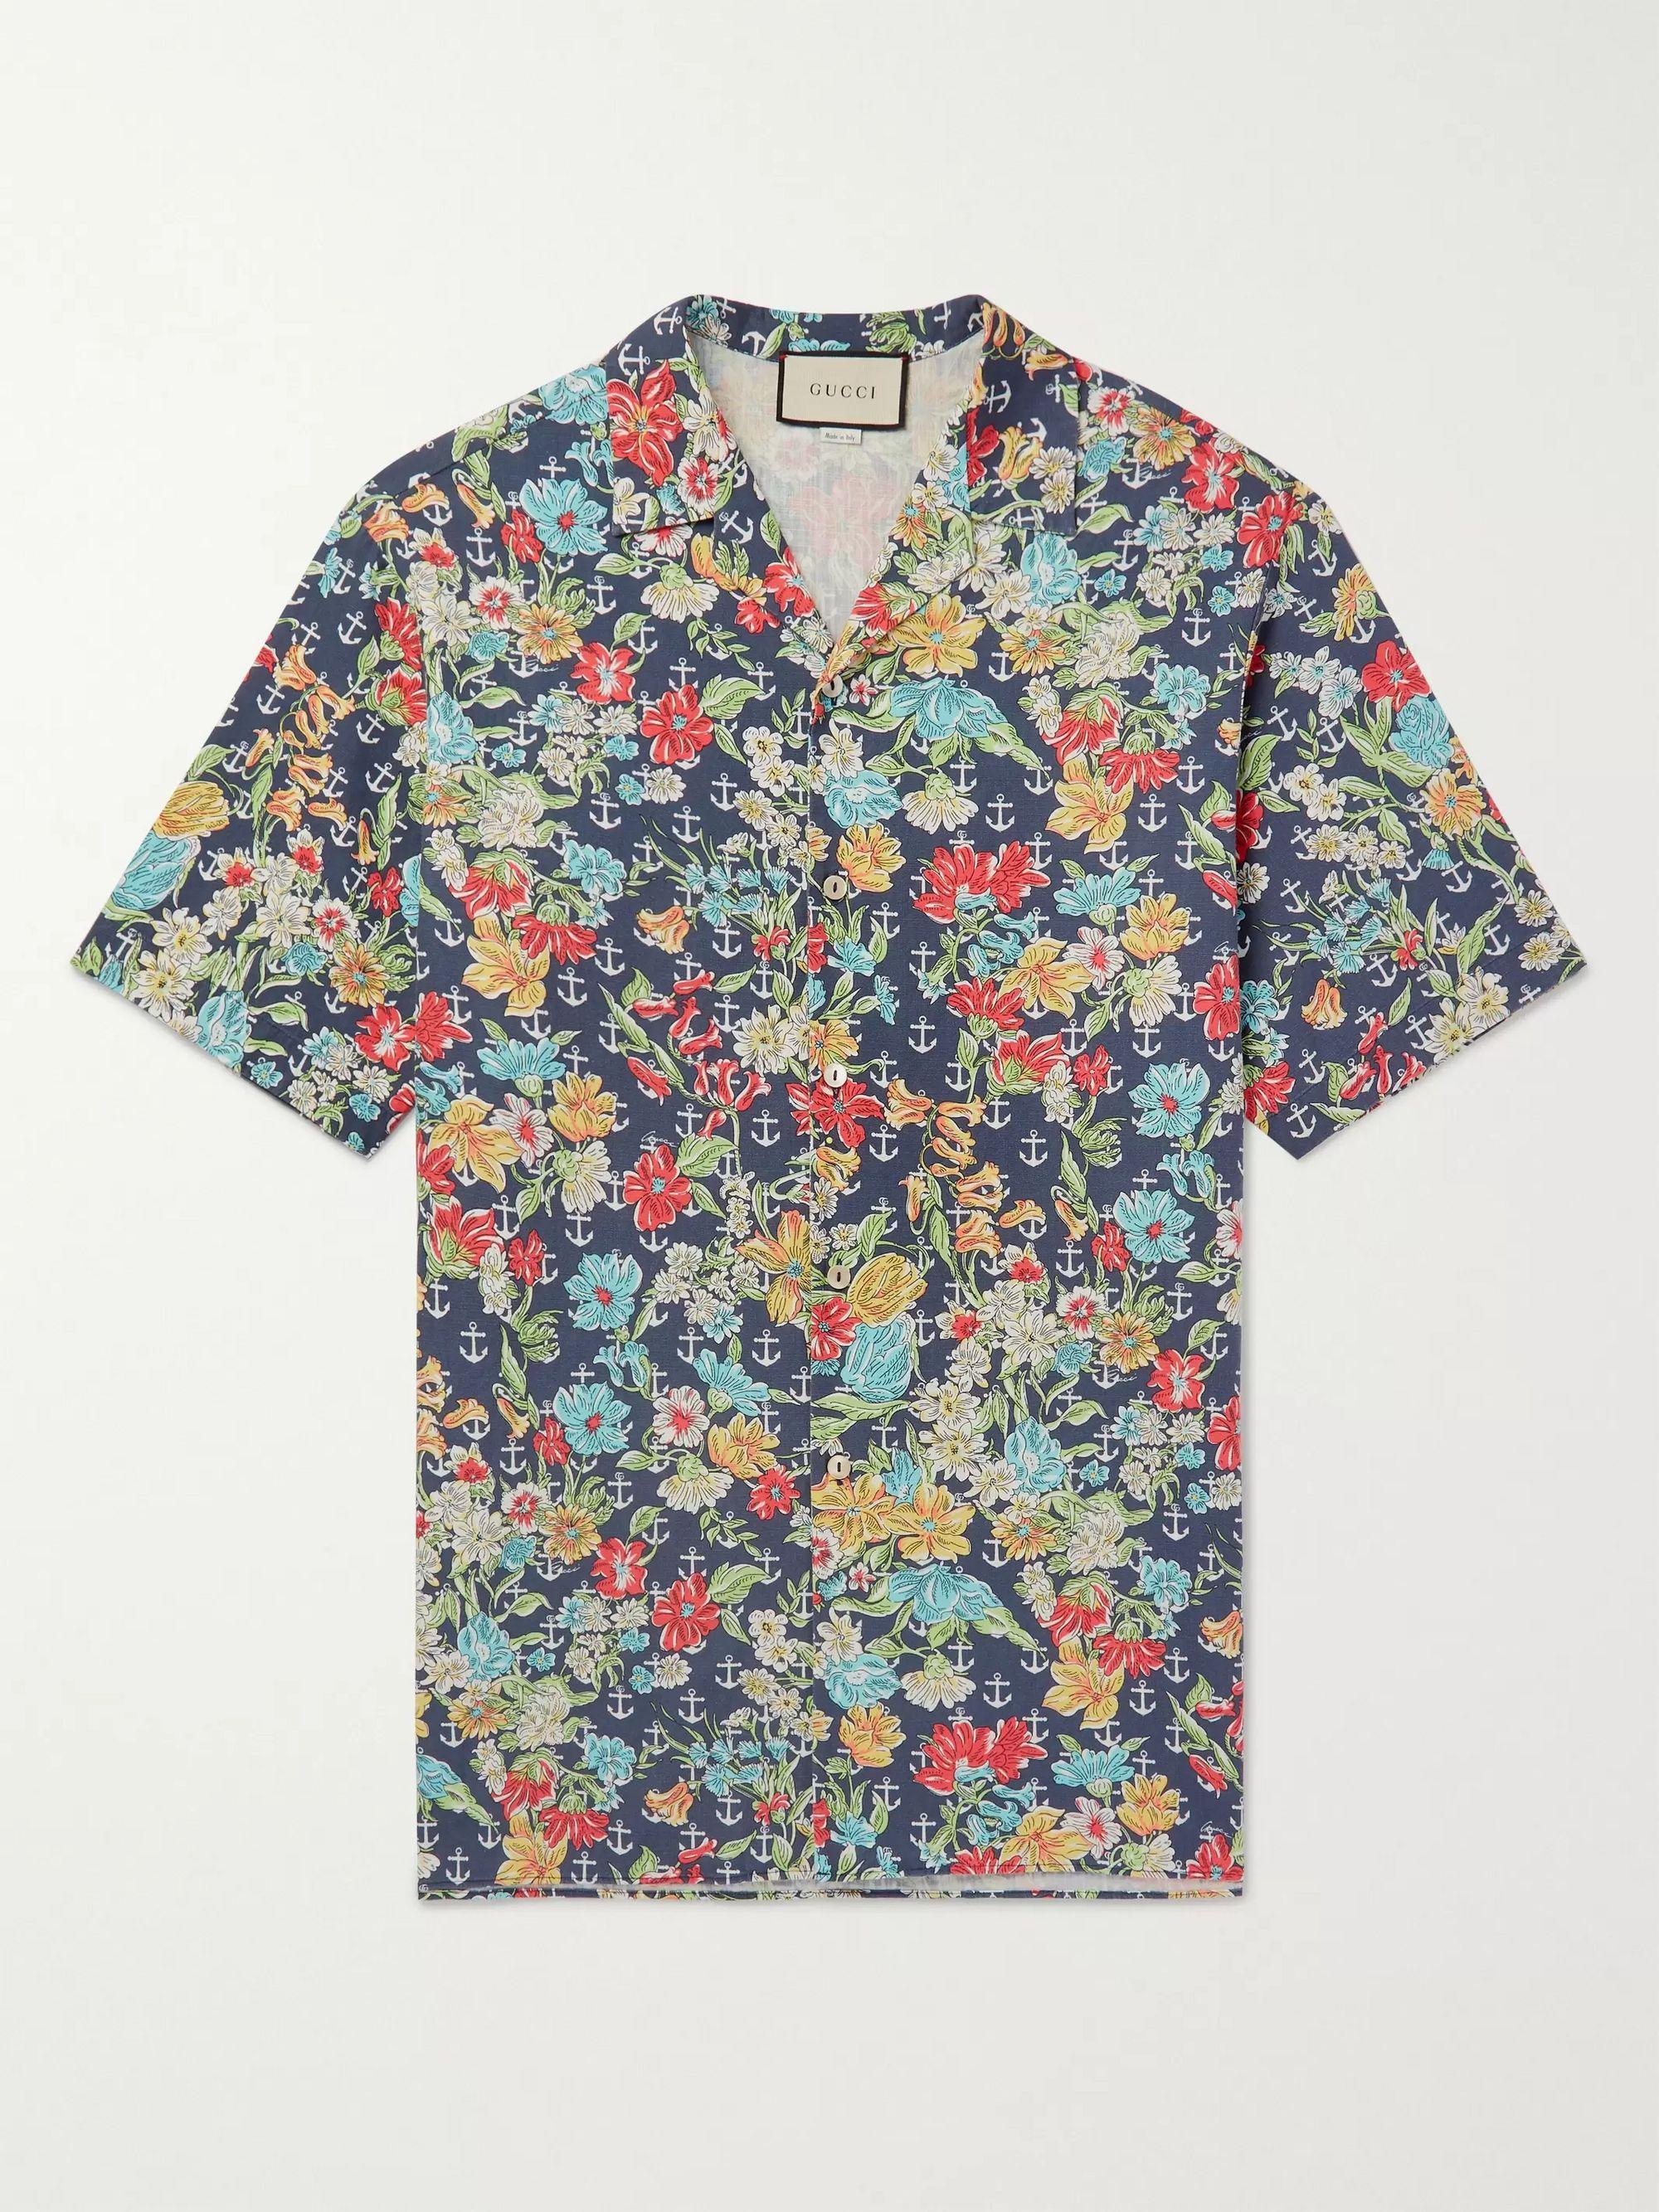 구찌 Gucci Oversized Camp-Collar Printed Cotton Shirt,Navy